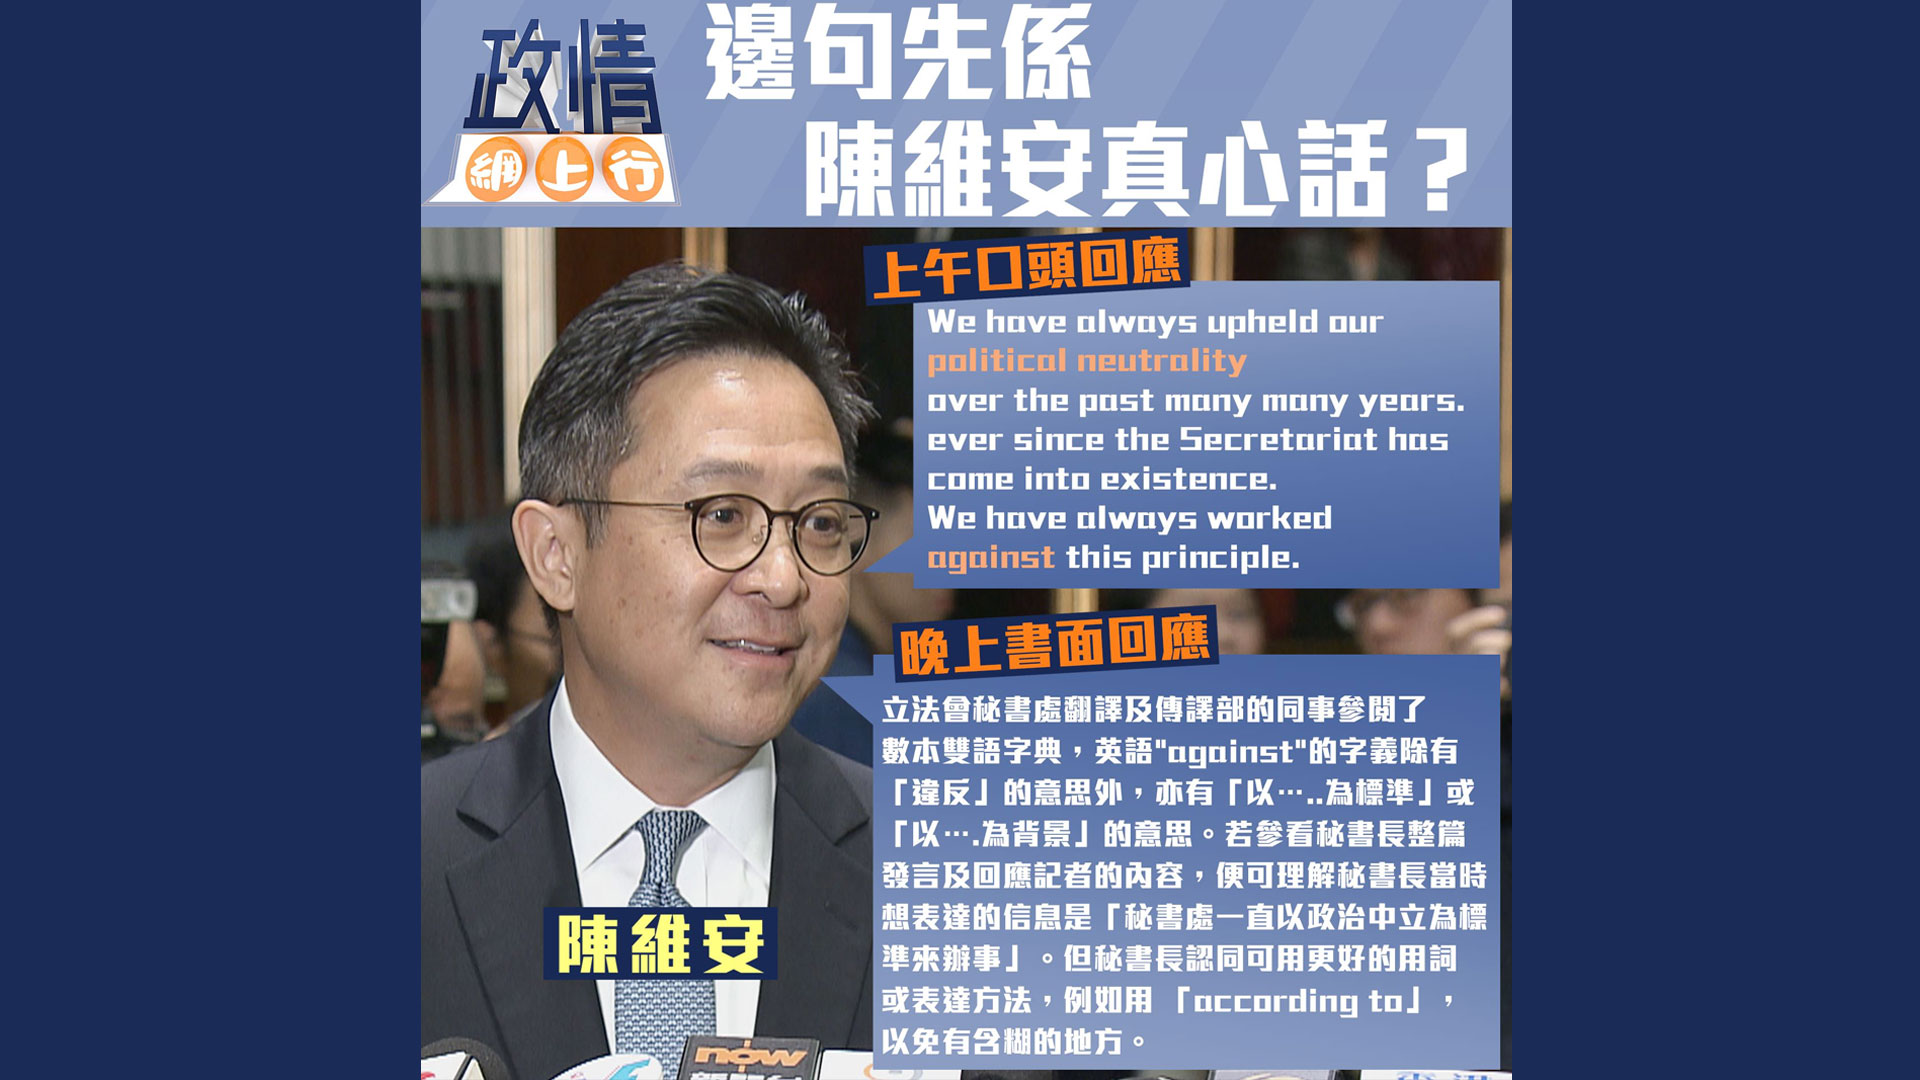 【政情網上行】陳維安用英文講政治中立